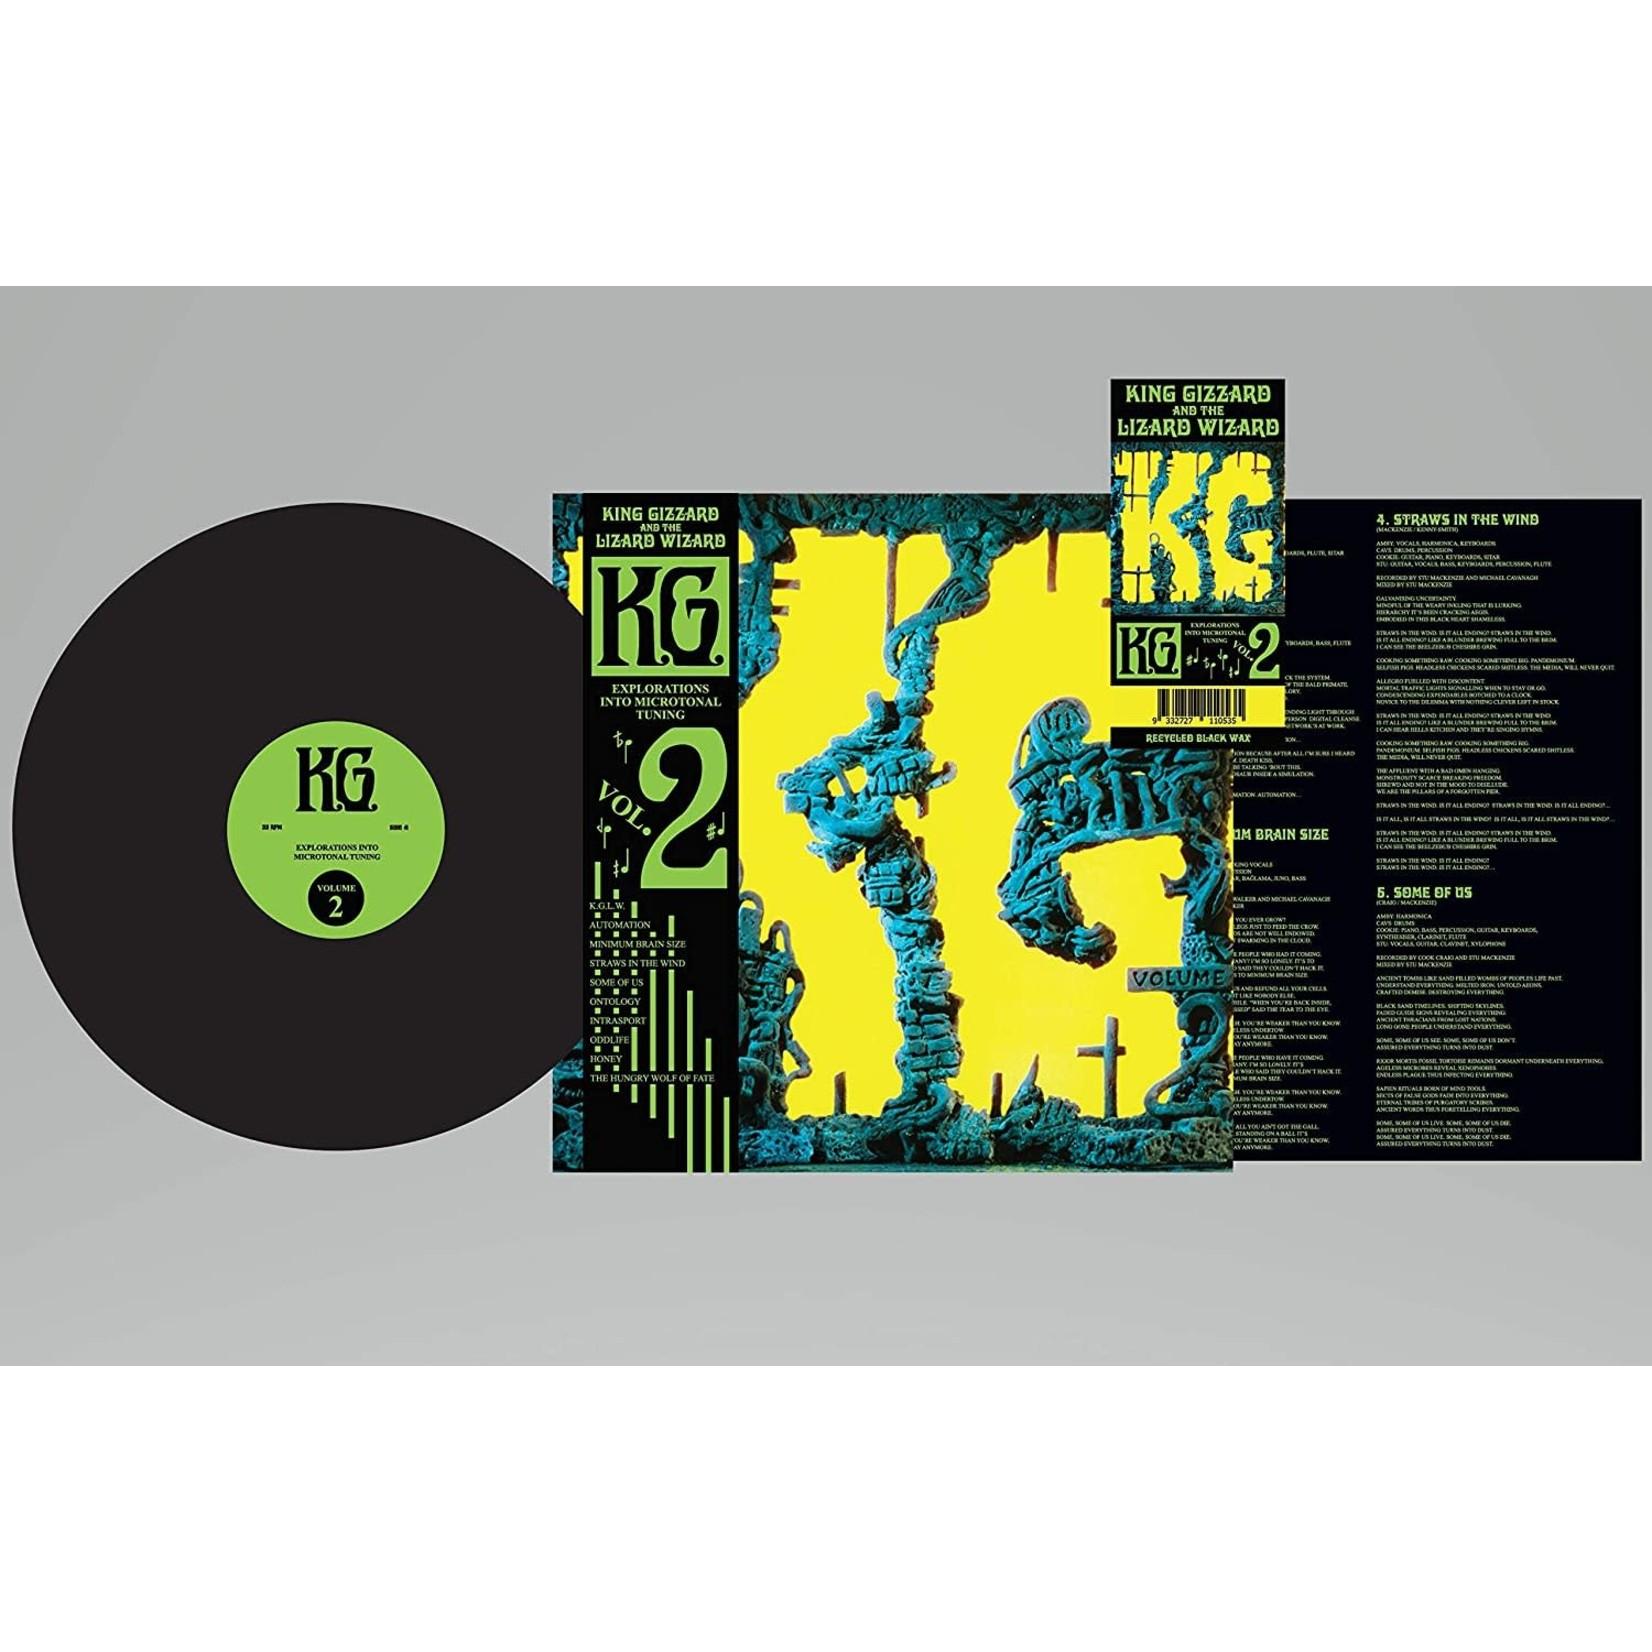 KING GIZZARD & THE LIZARD WIZARD K.G. (LP)